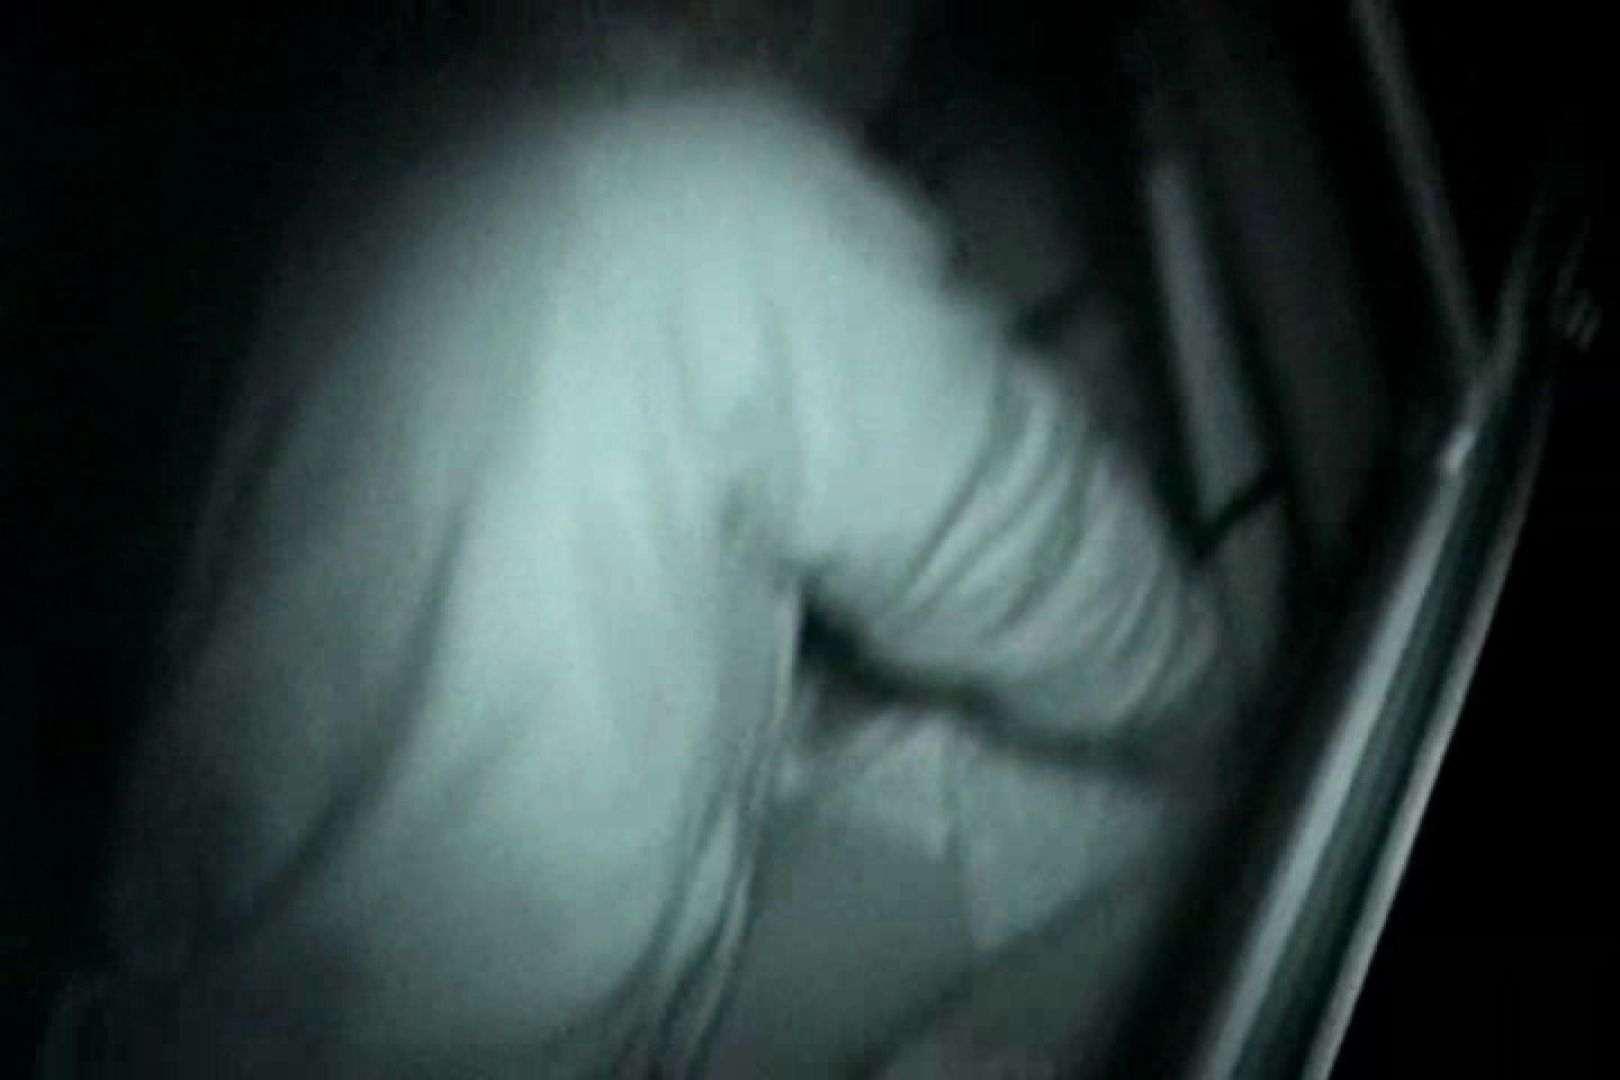 充血監督の深夜の運動会Vol.137 美しいOLの裸体  91pic 48